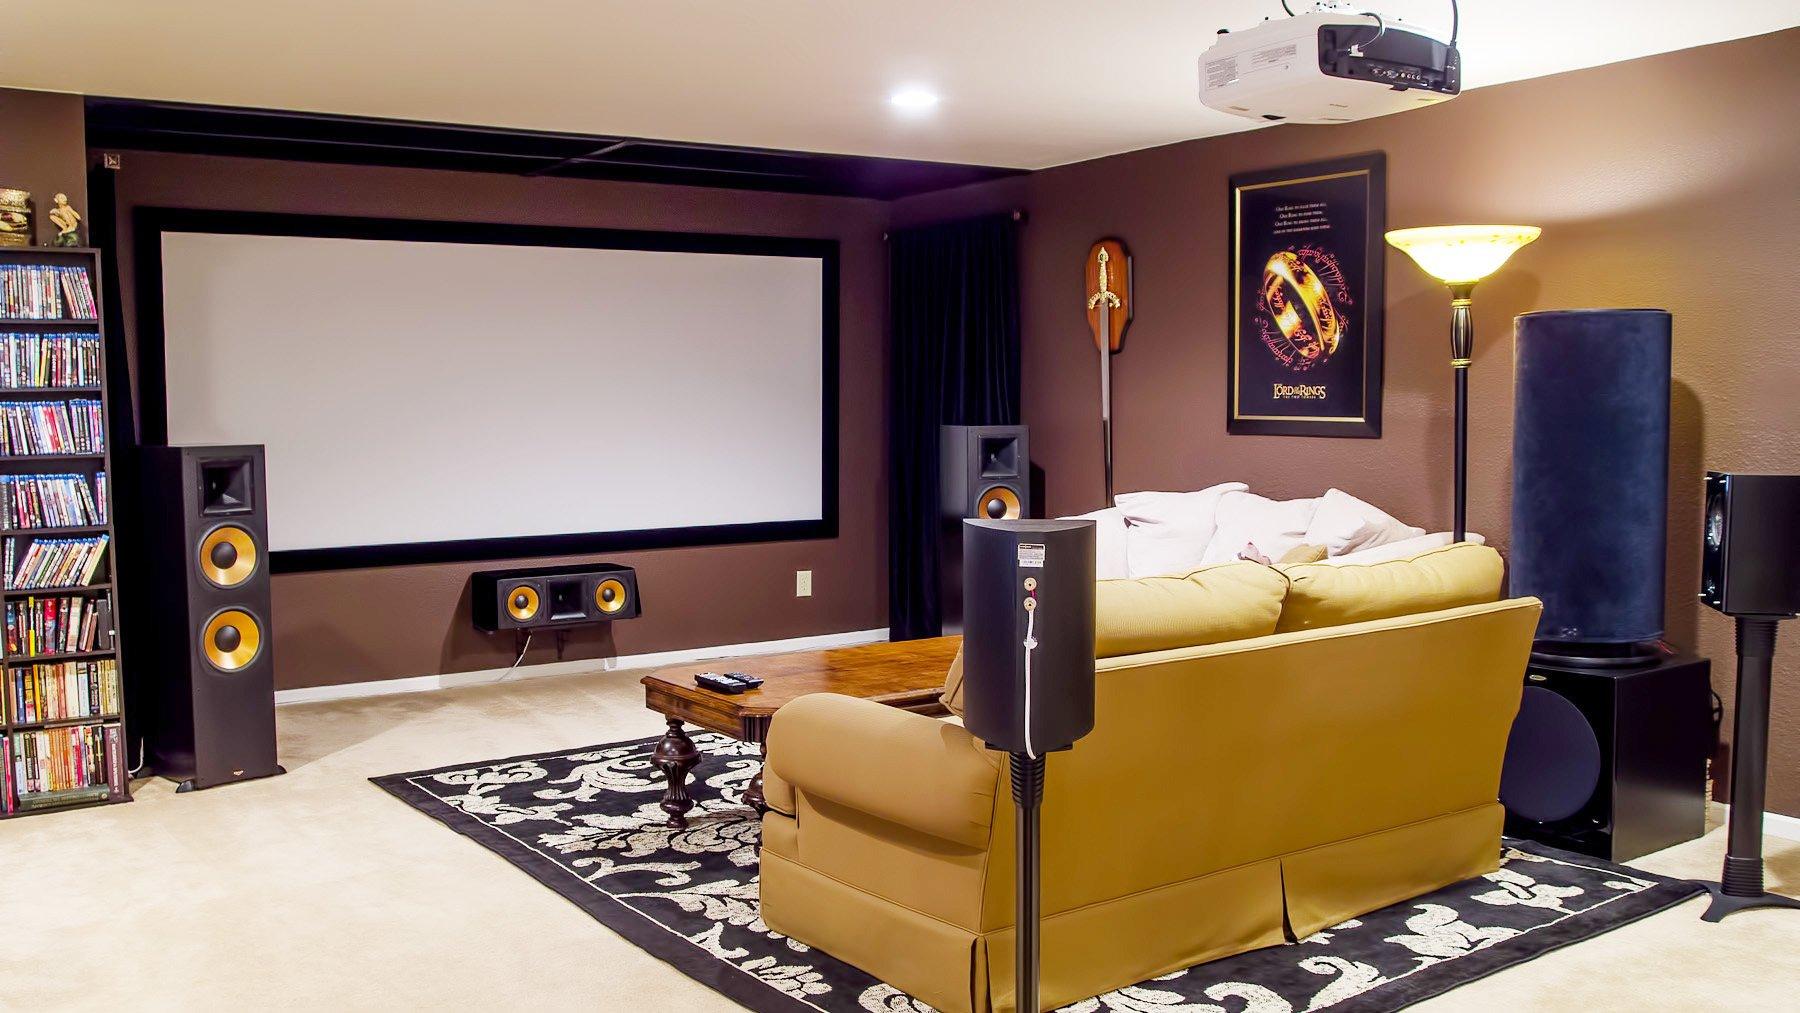 小型家庭影院3d影視墻效果圖大全